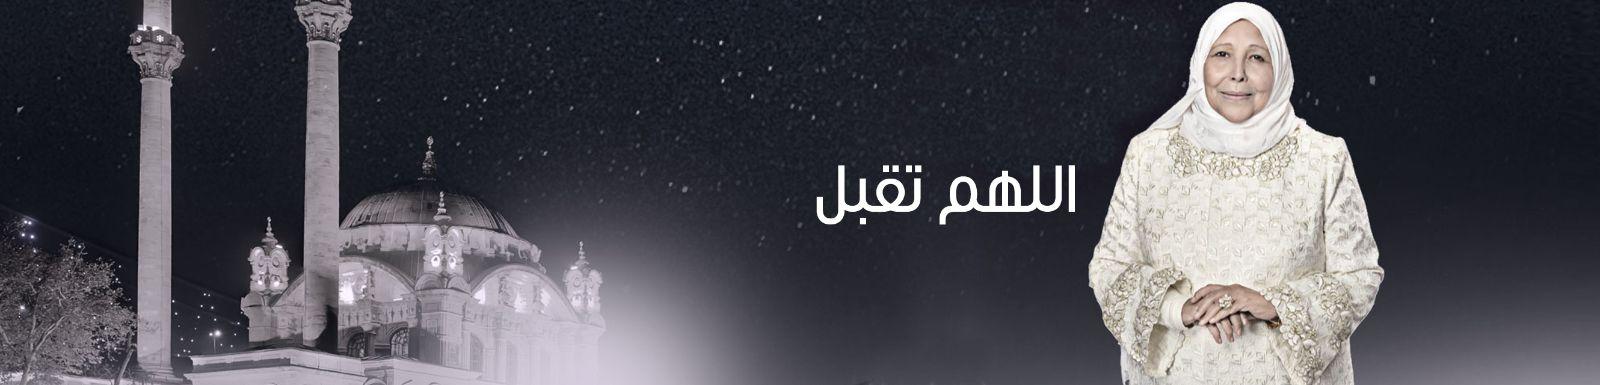 تحميل برنامج اللهم تقبل 2 الحلقة 6